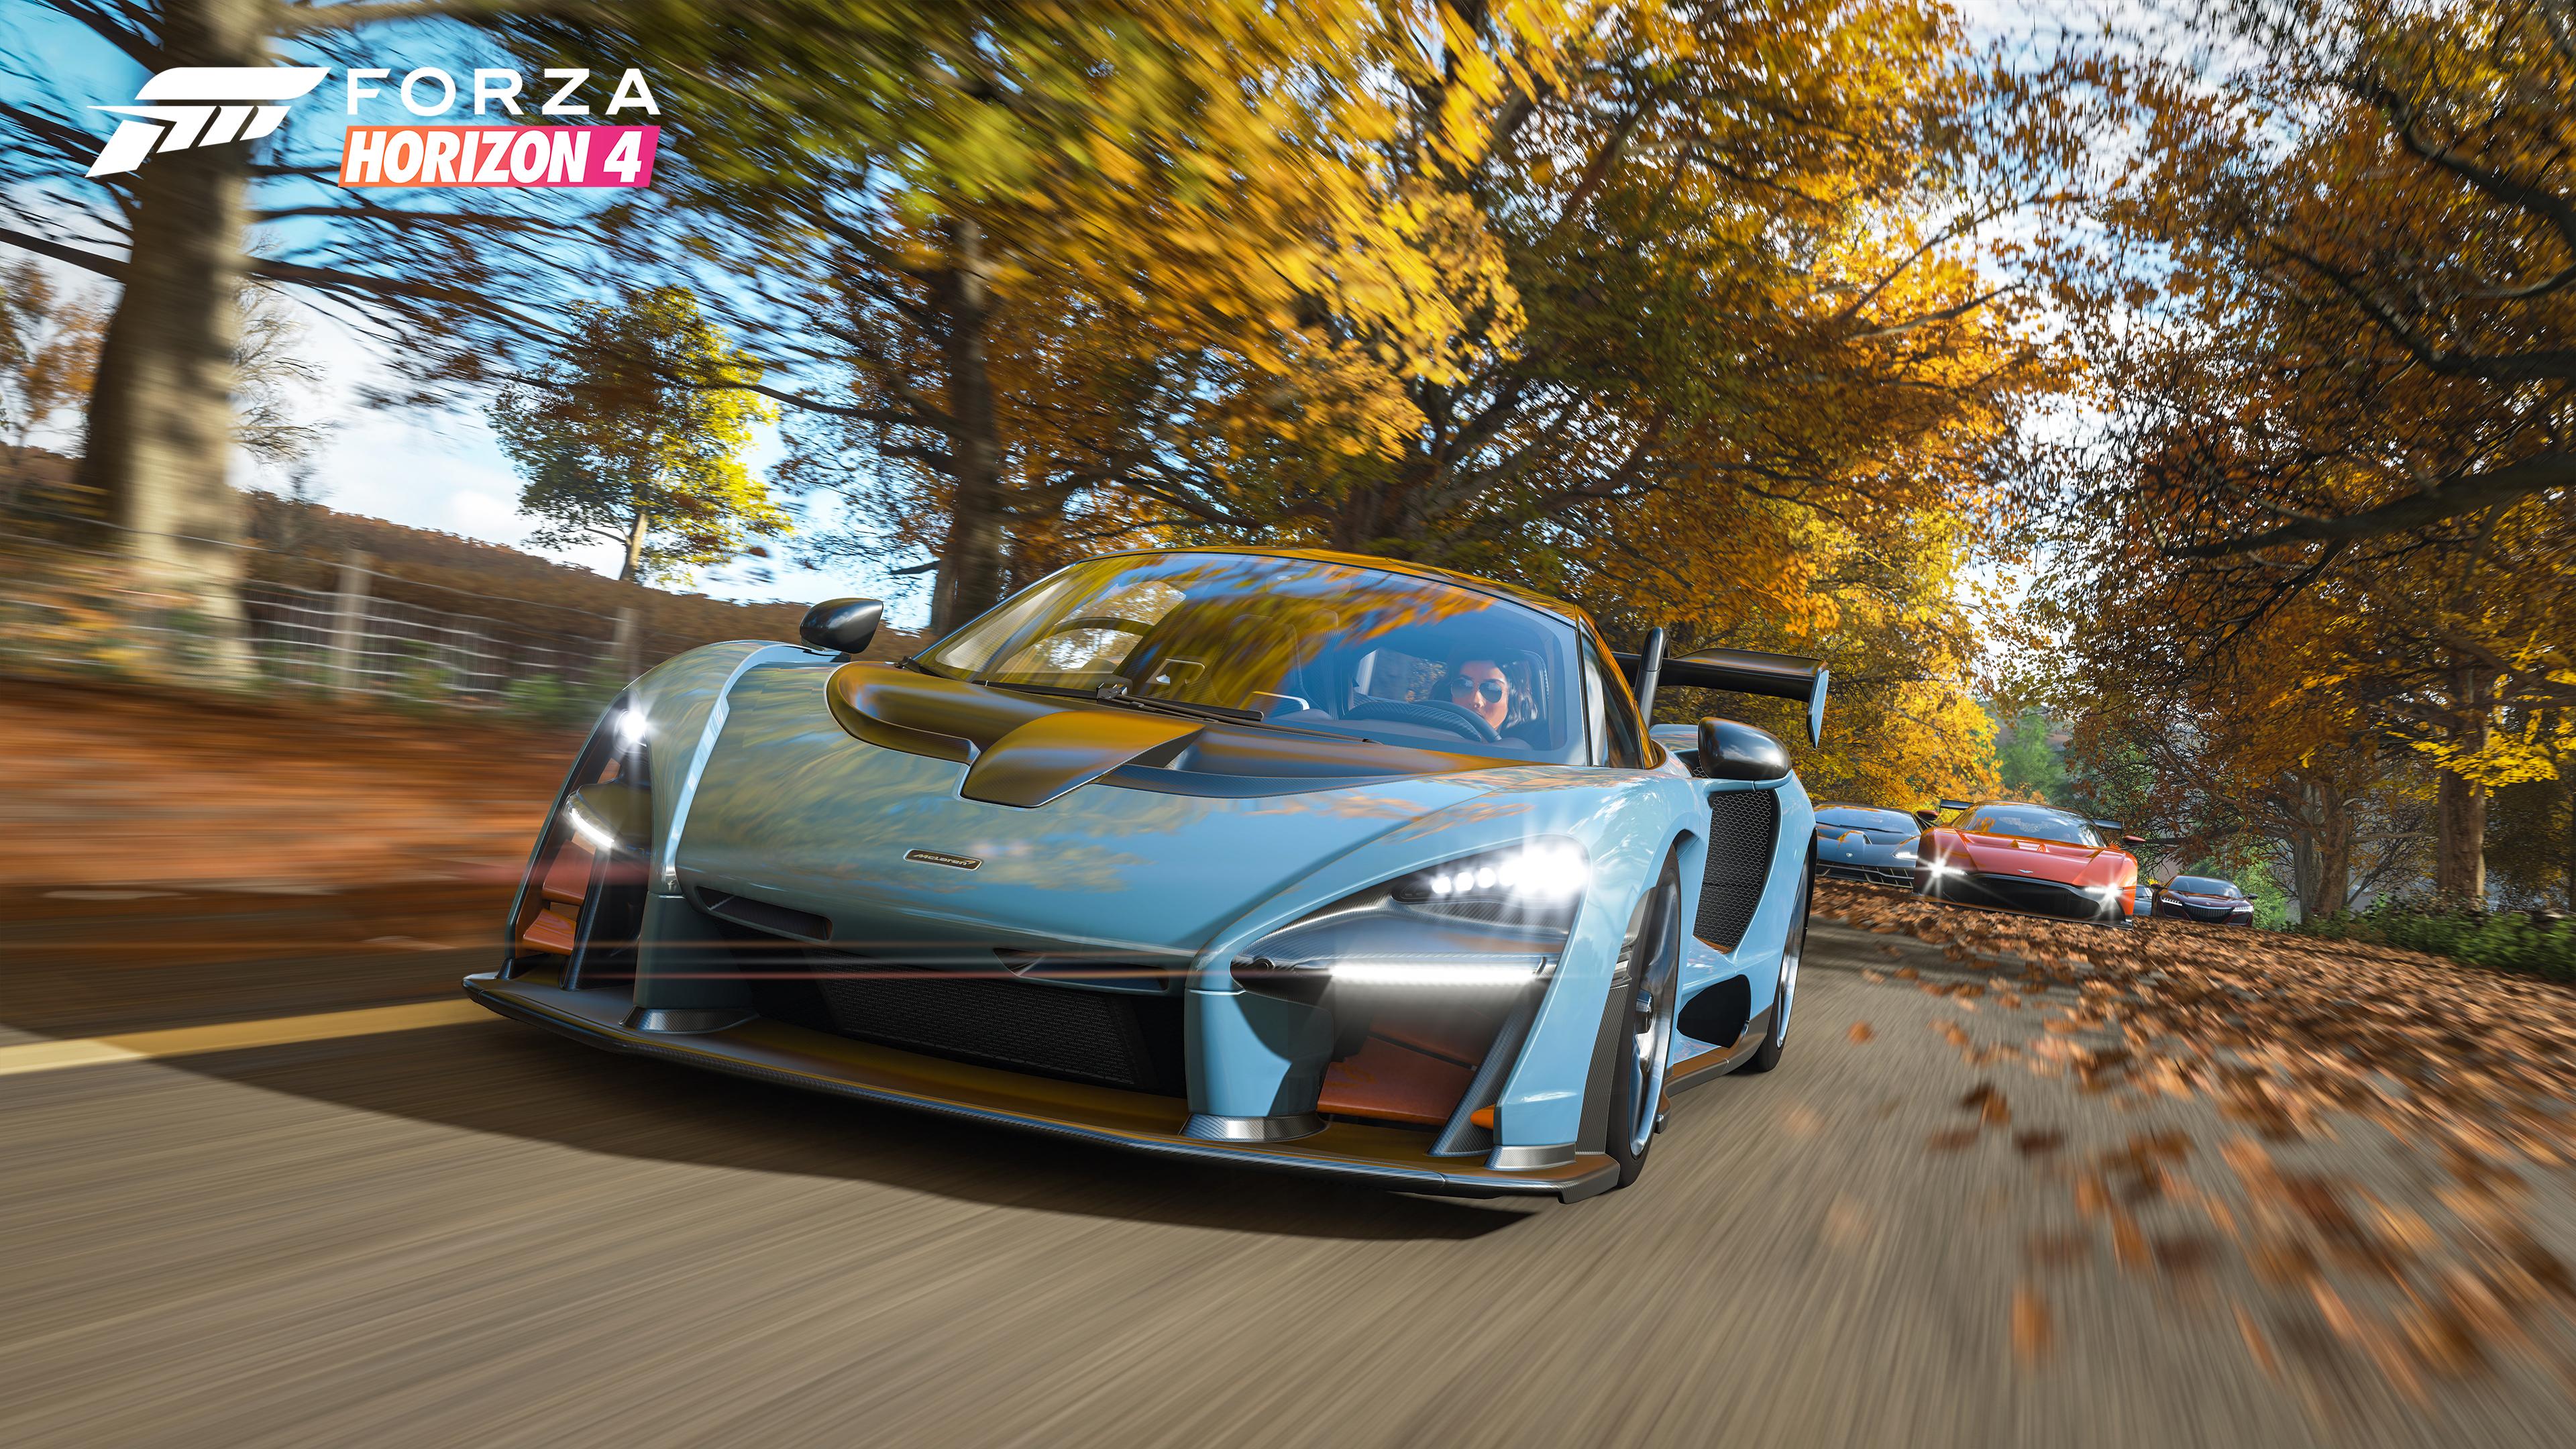 Forza Horizon 4 Senna in the Autumn looks amazing.